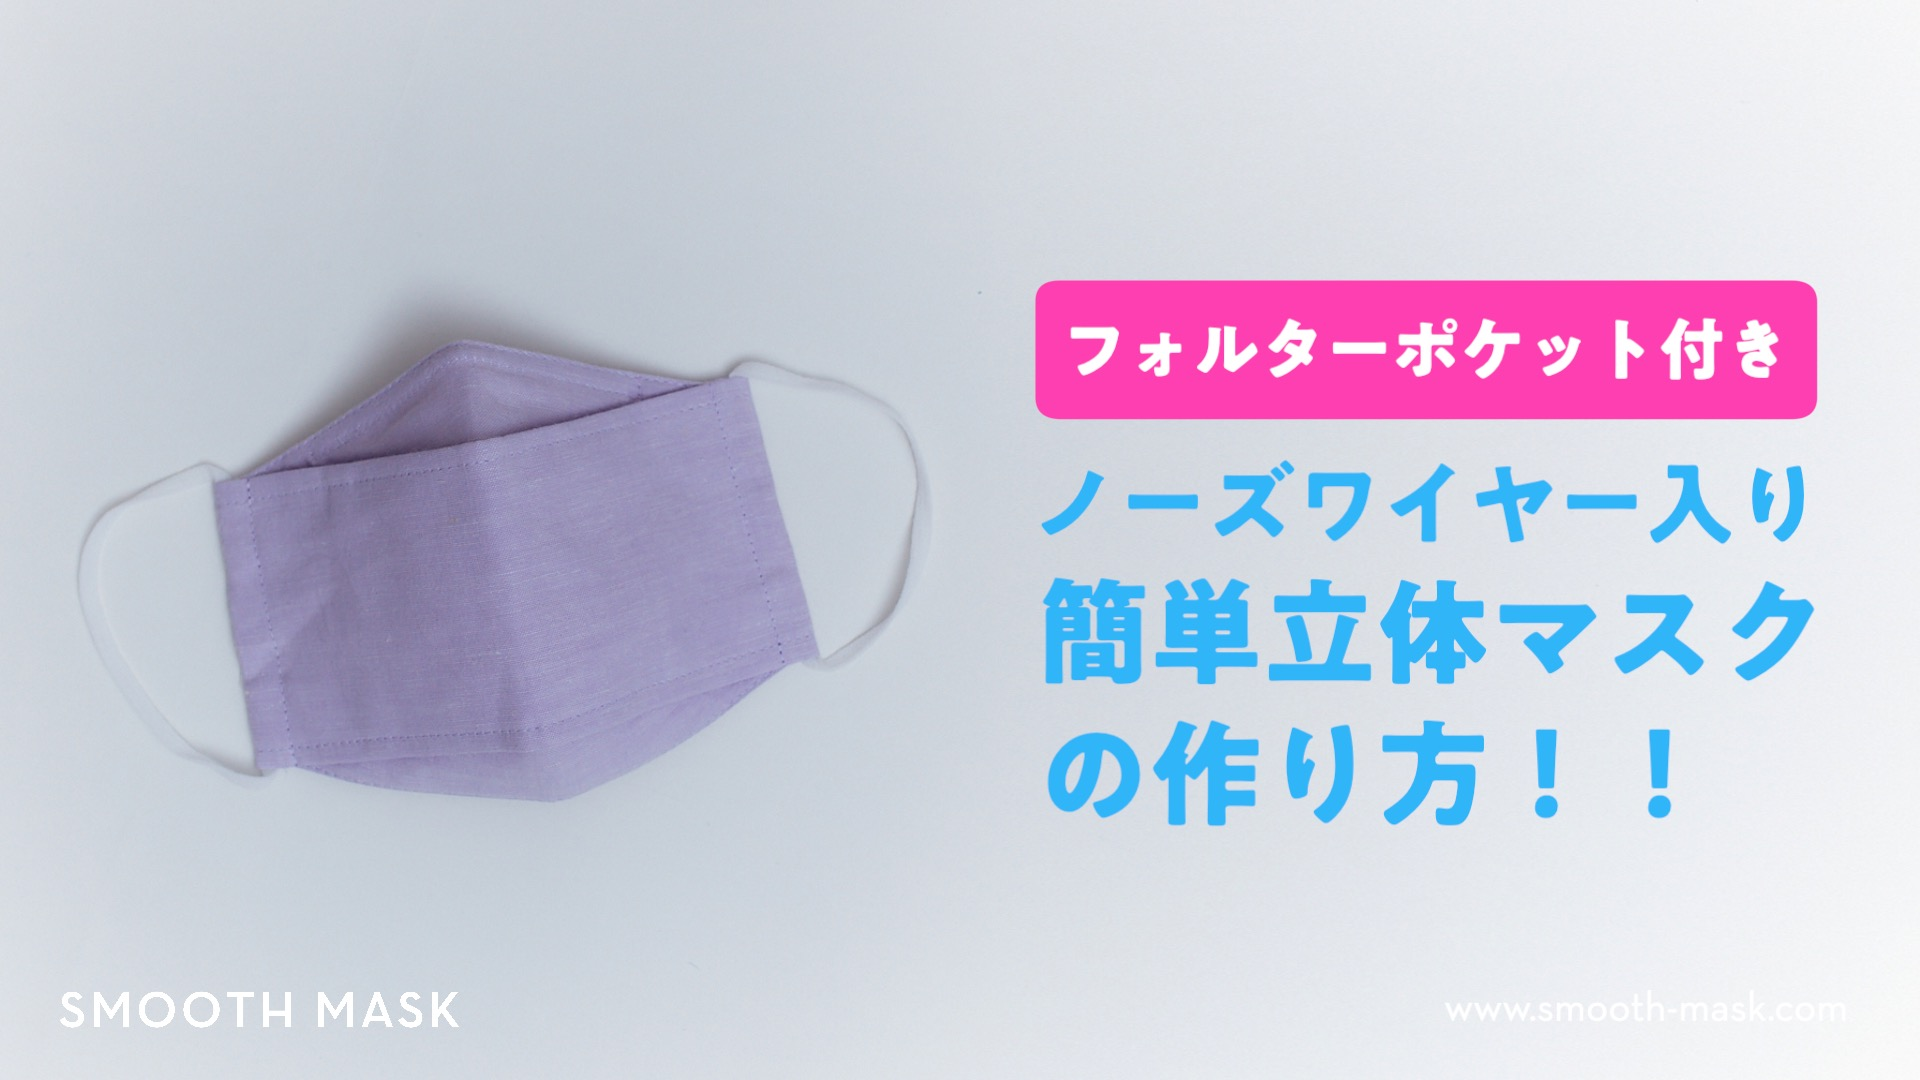 フィルターポケット付きオリガミマスクの作り方